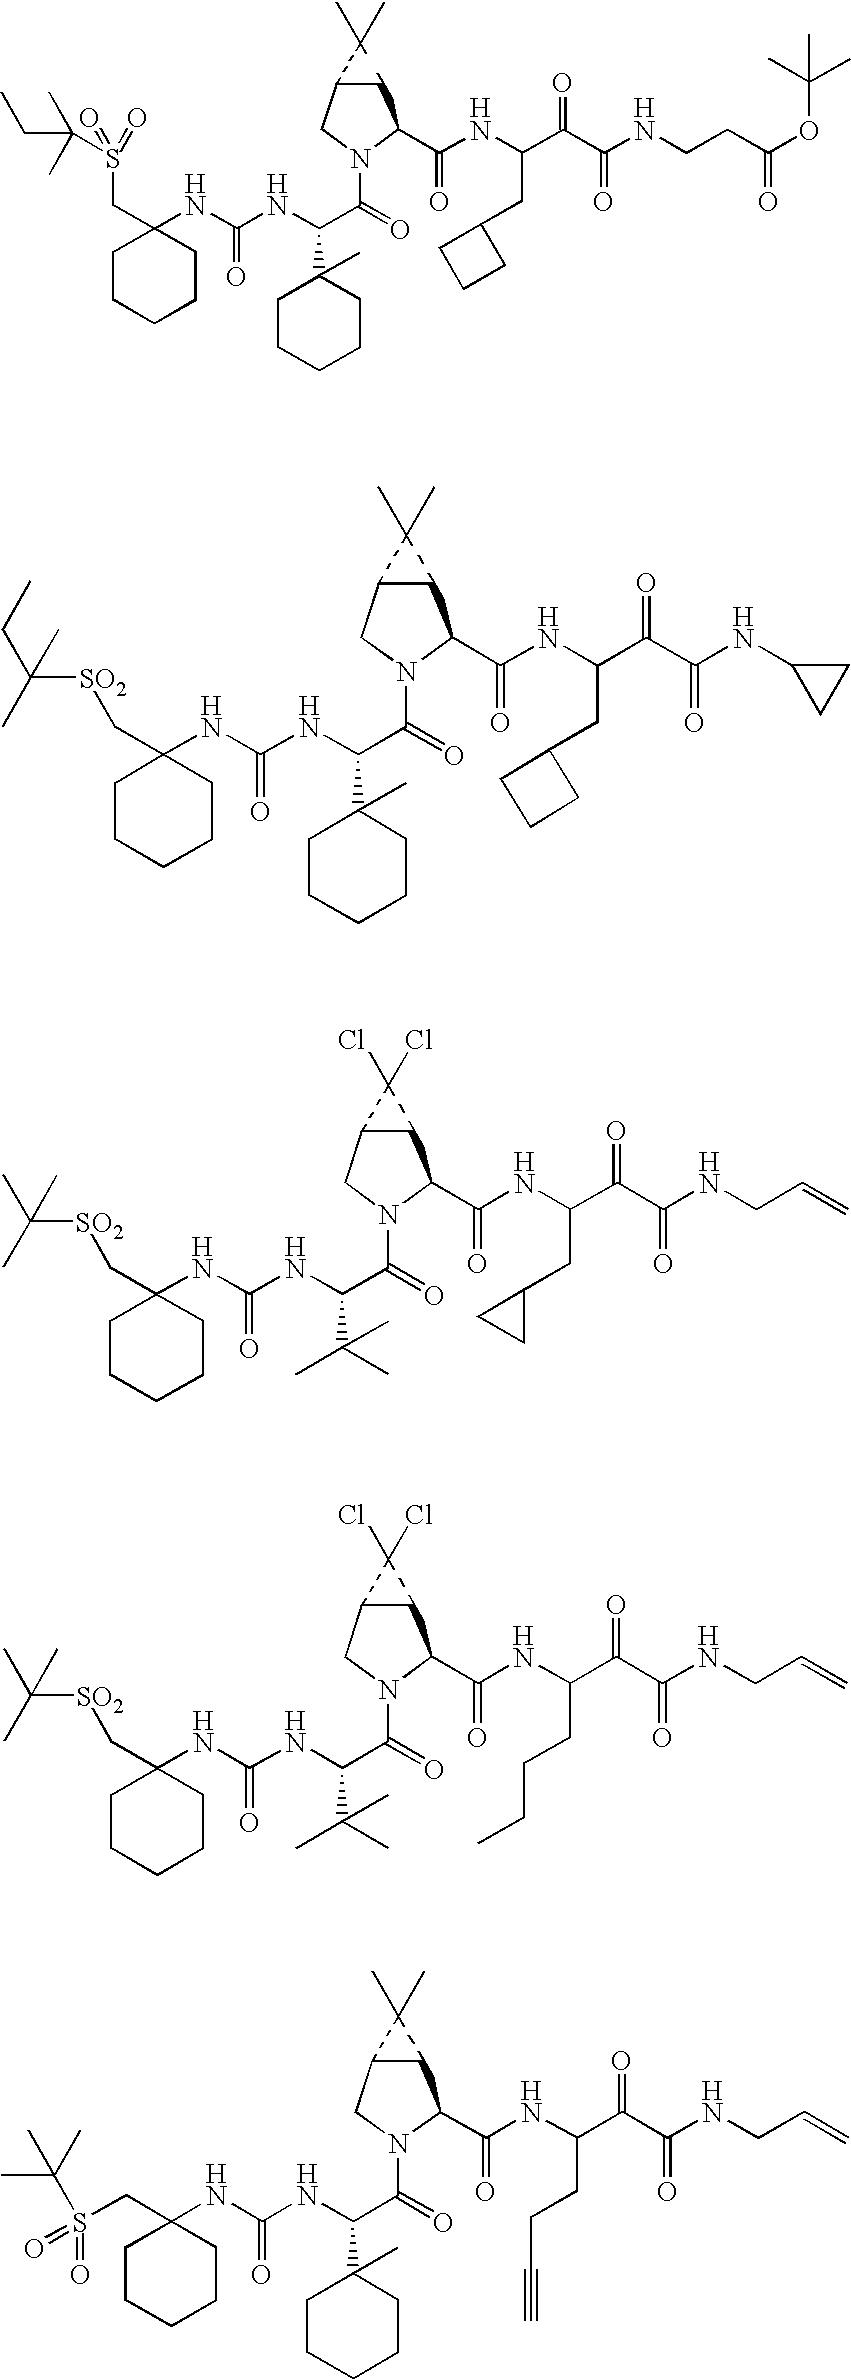 Figure US20060287248A1-20061221-C00473